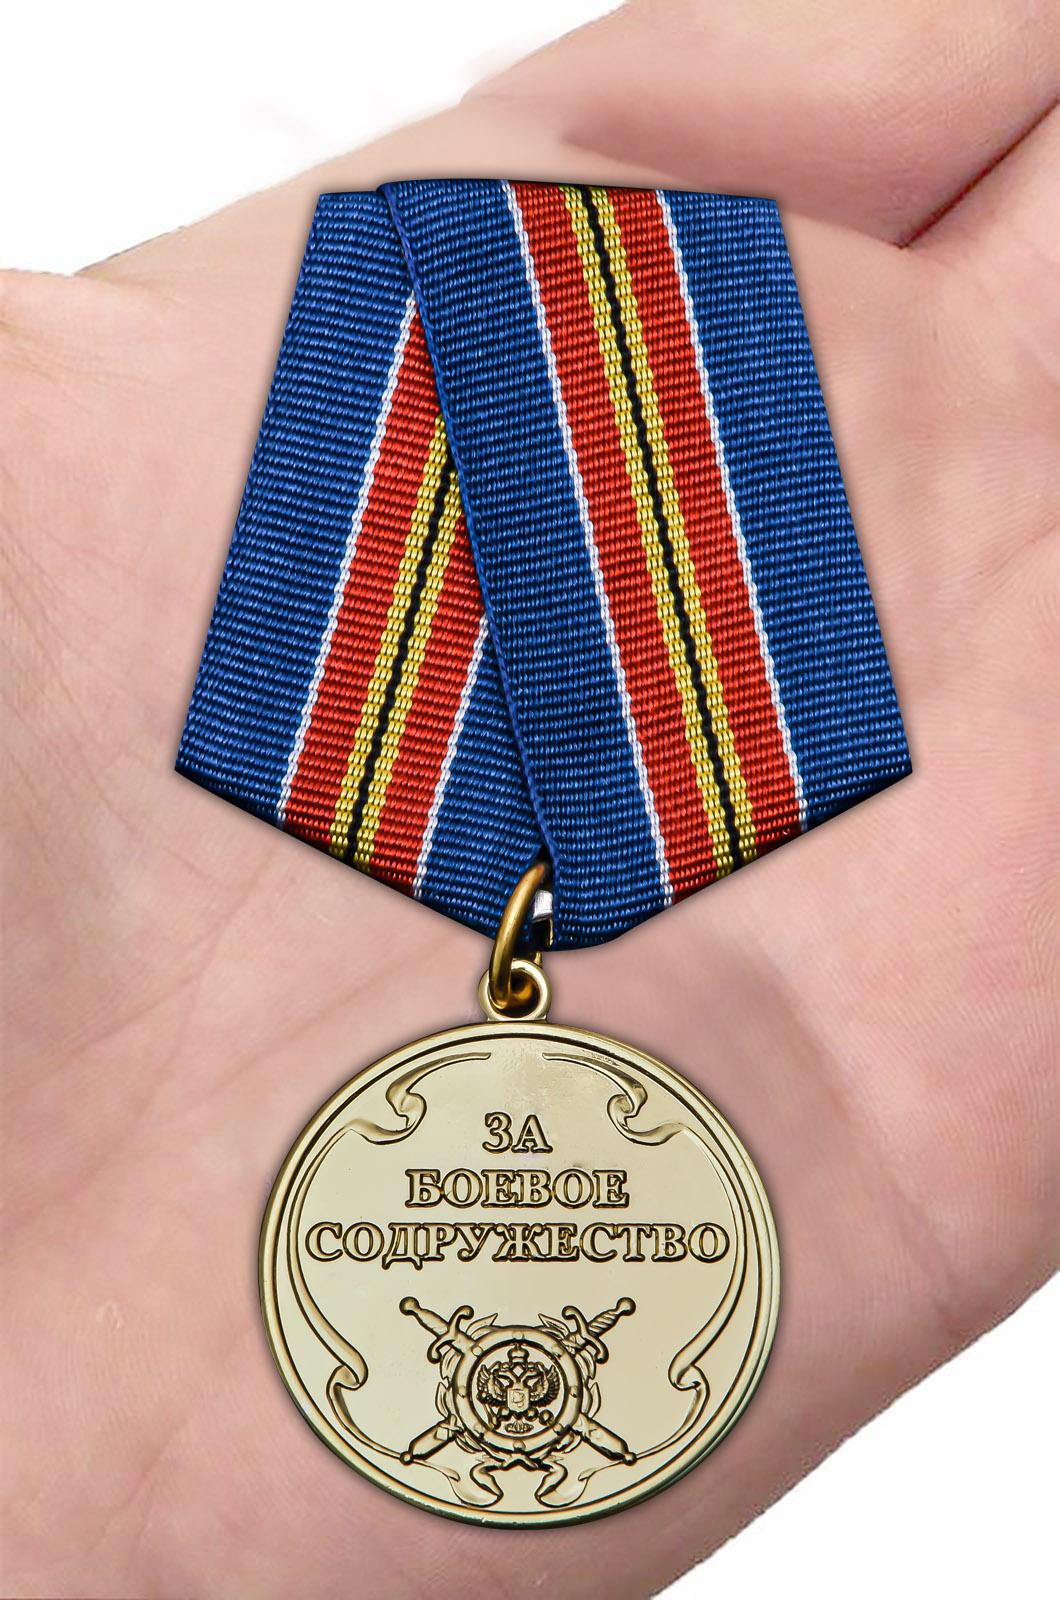 Наградная медаль За боевое содружество (МВД) - вид на ладони